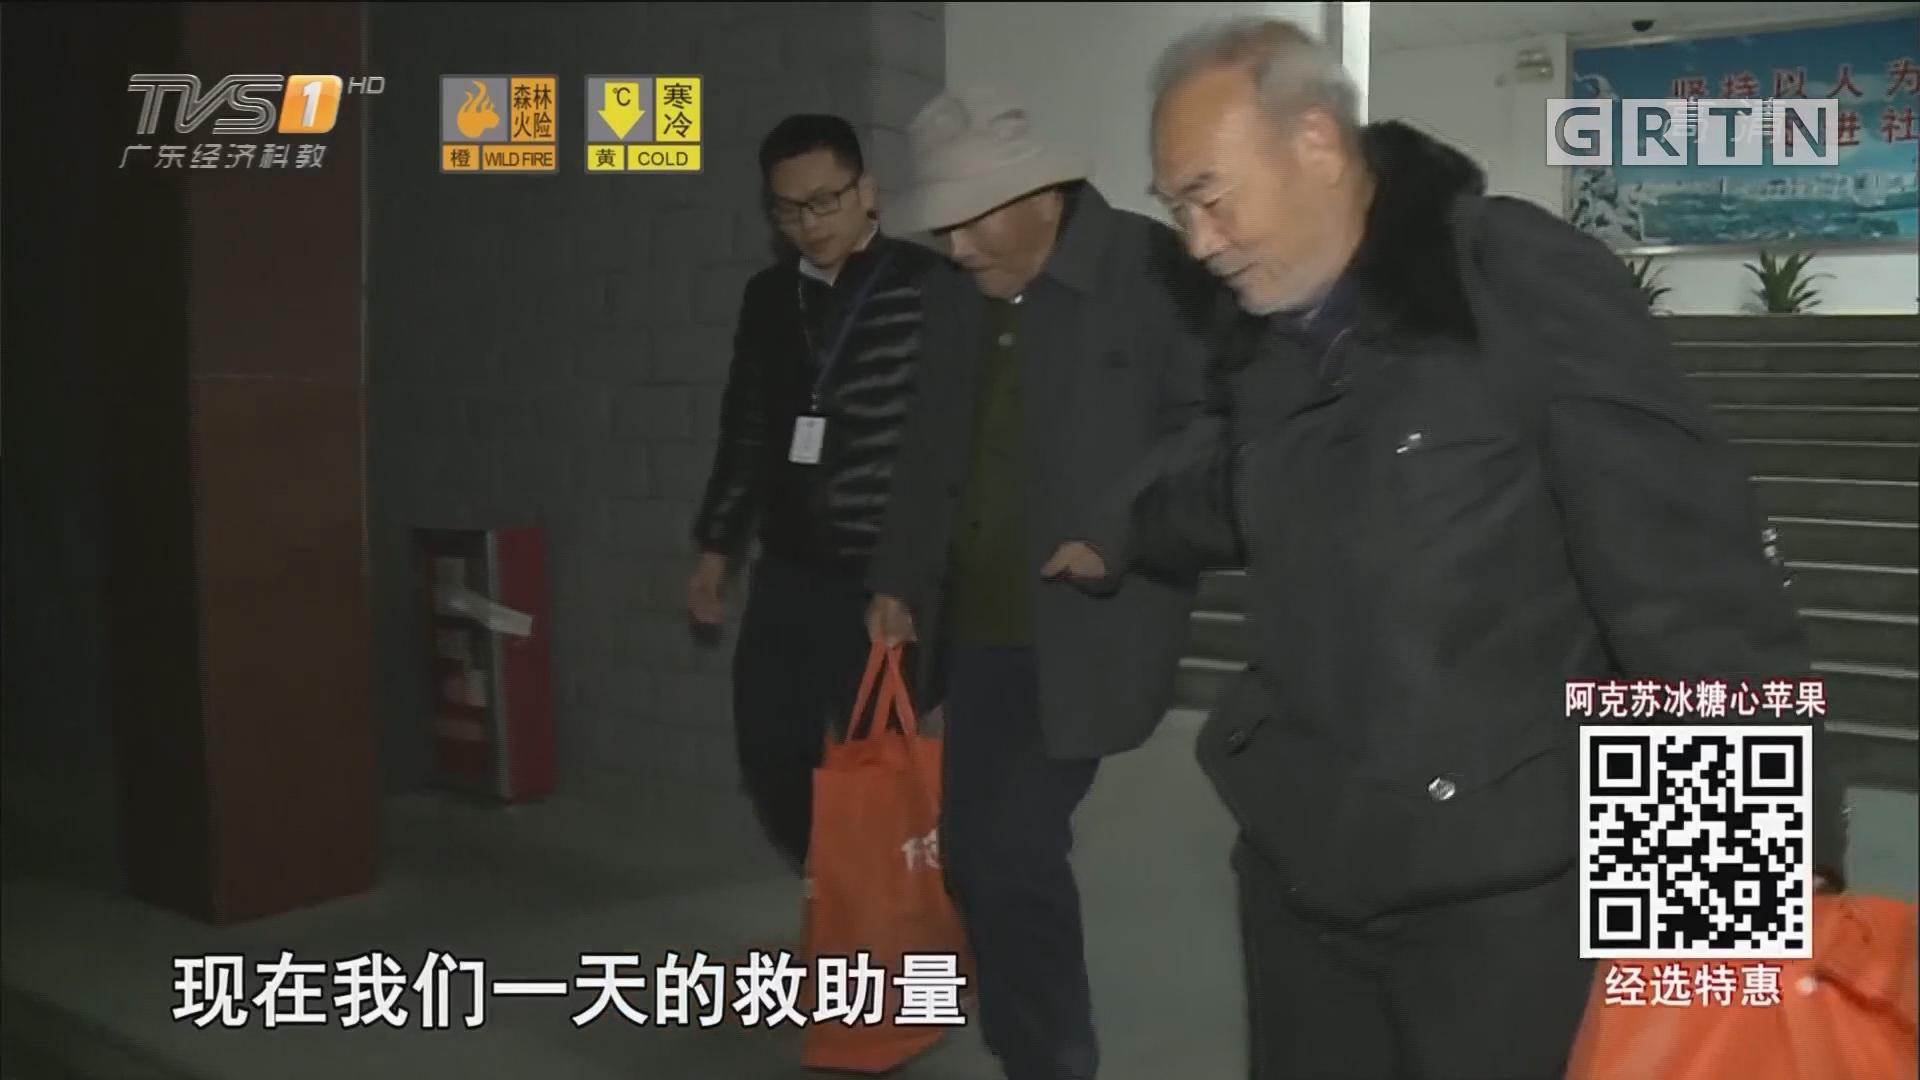 记者探访广州救助站 这个冬天他们不再寒冷